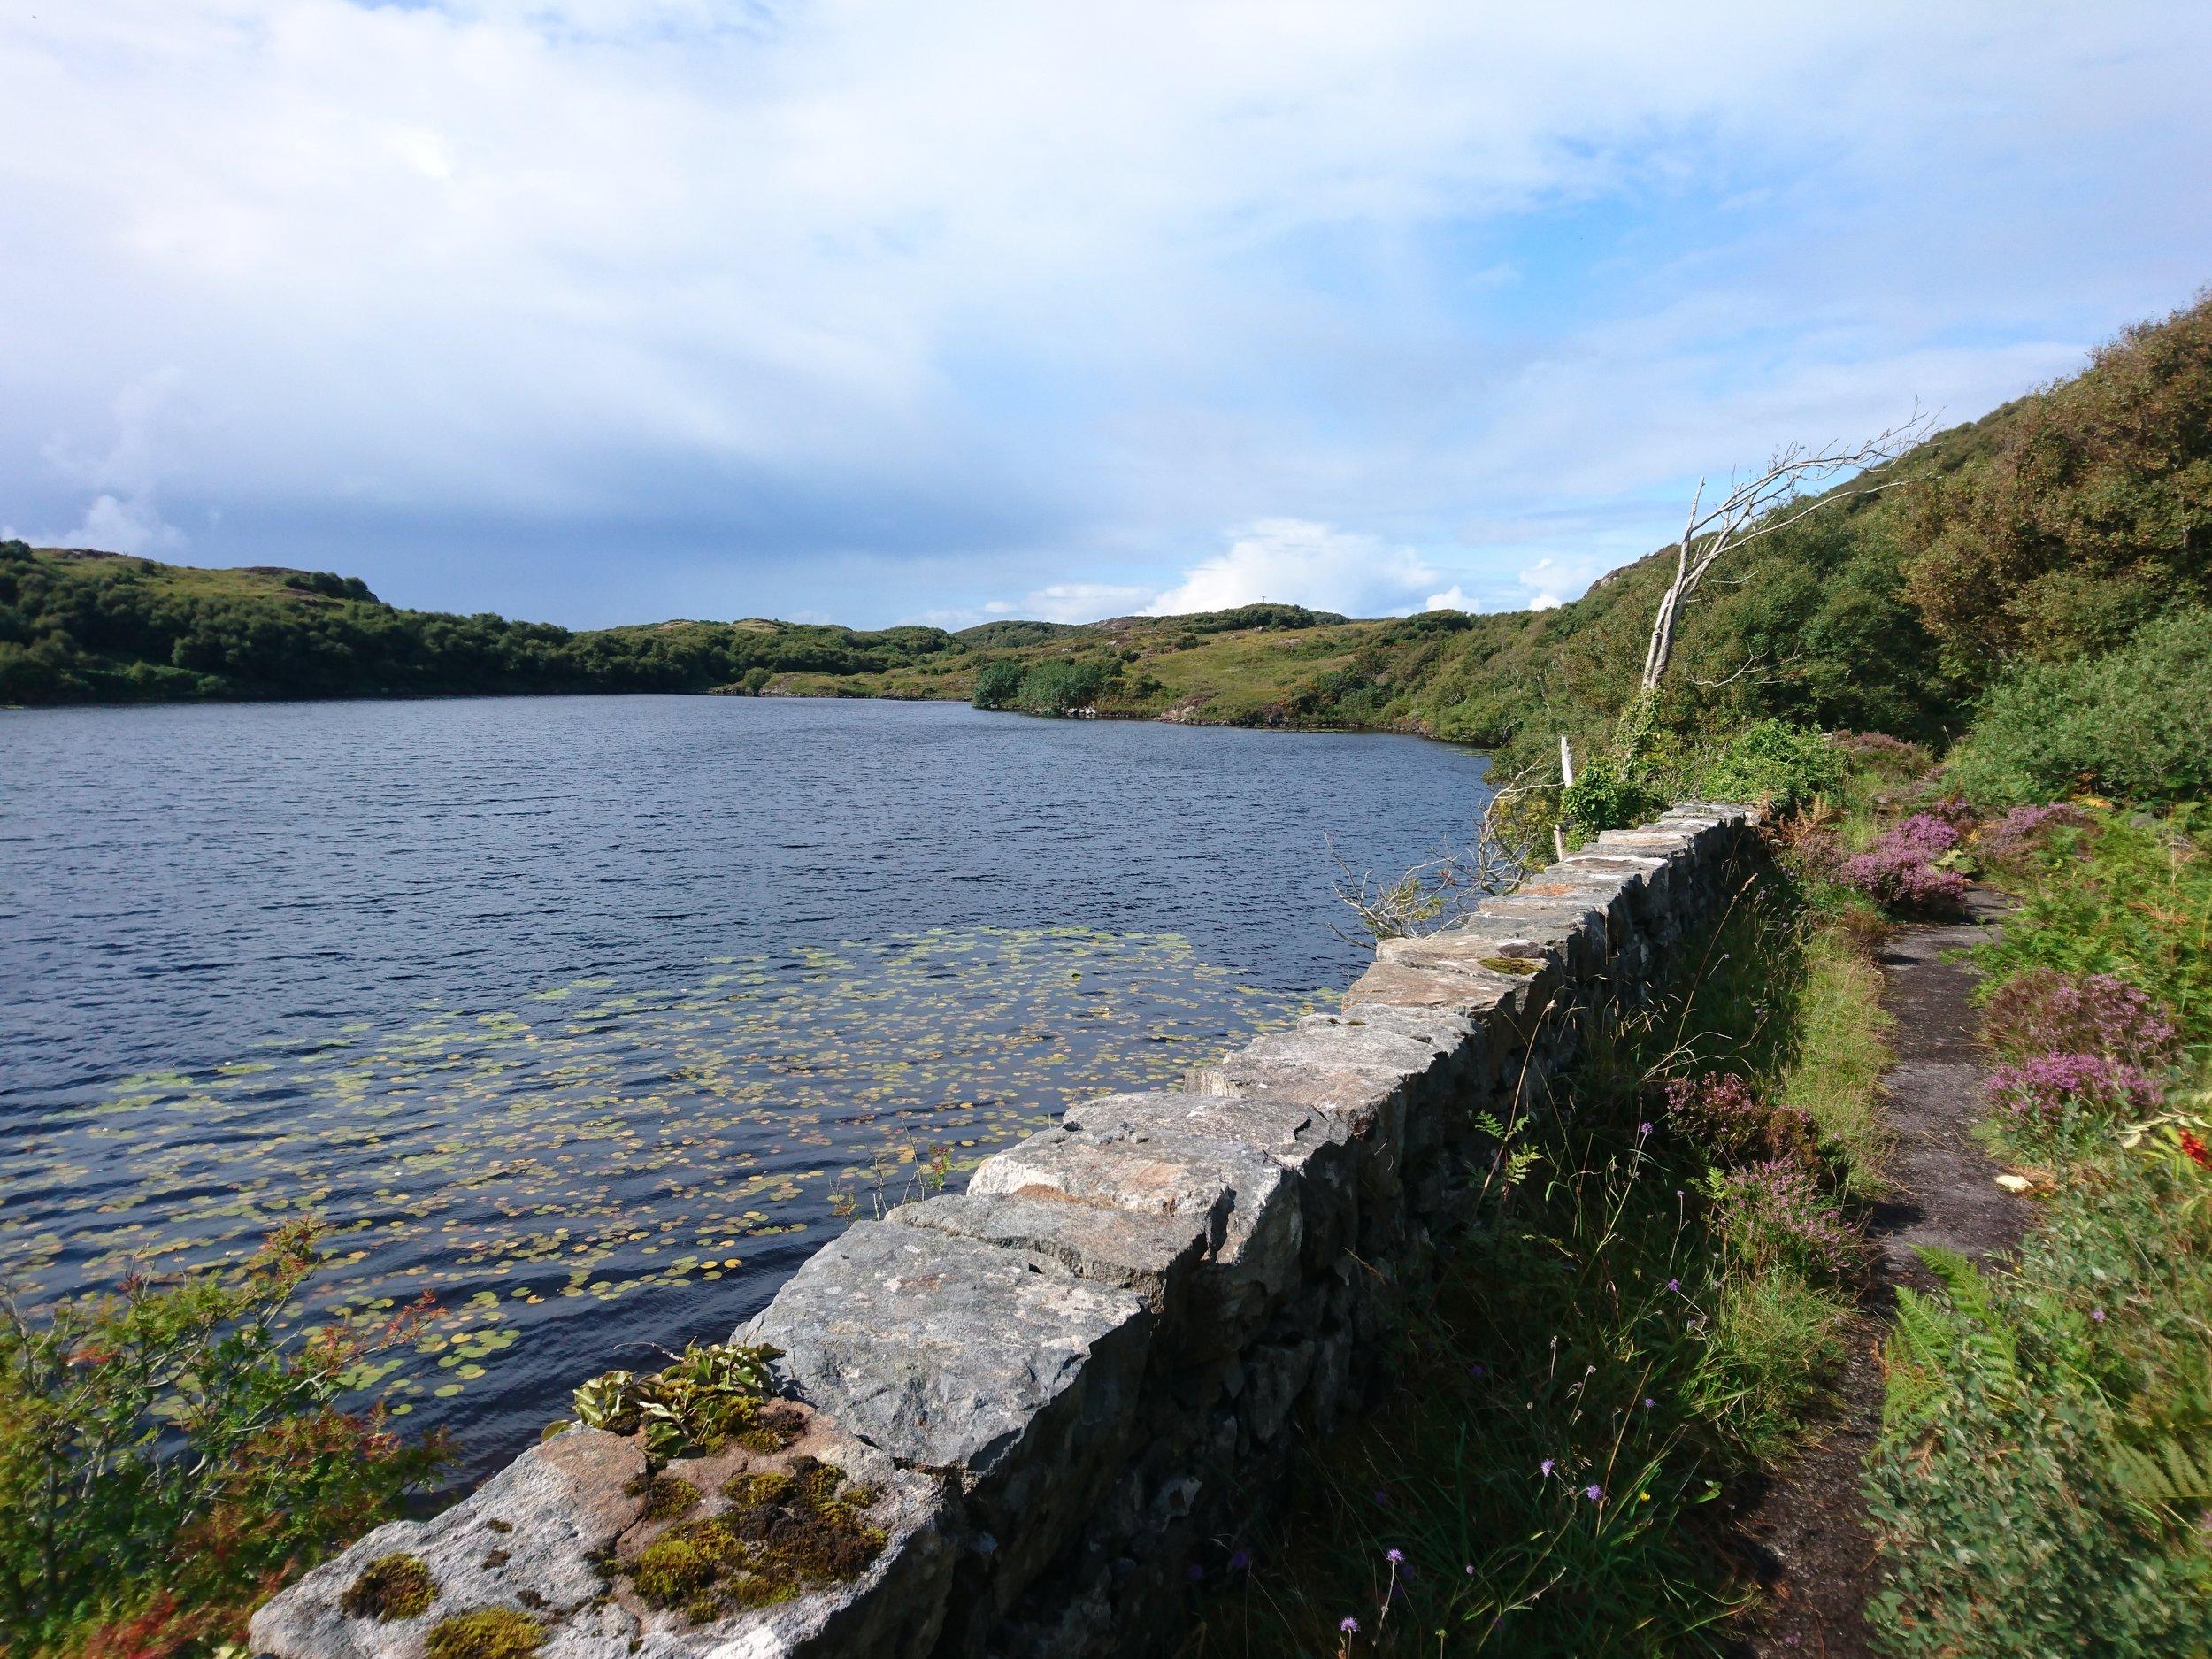 Loch Duartbeg